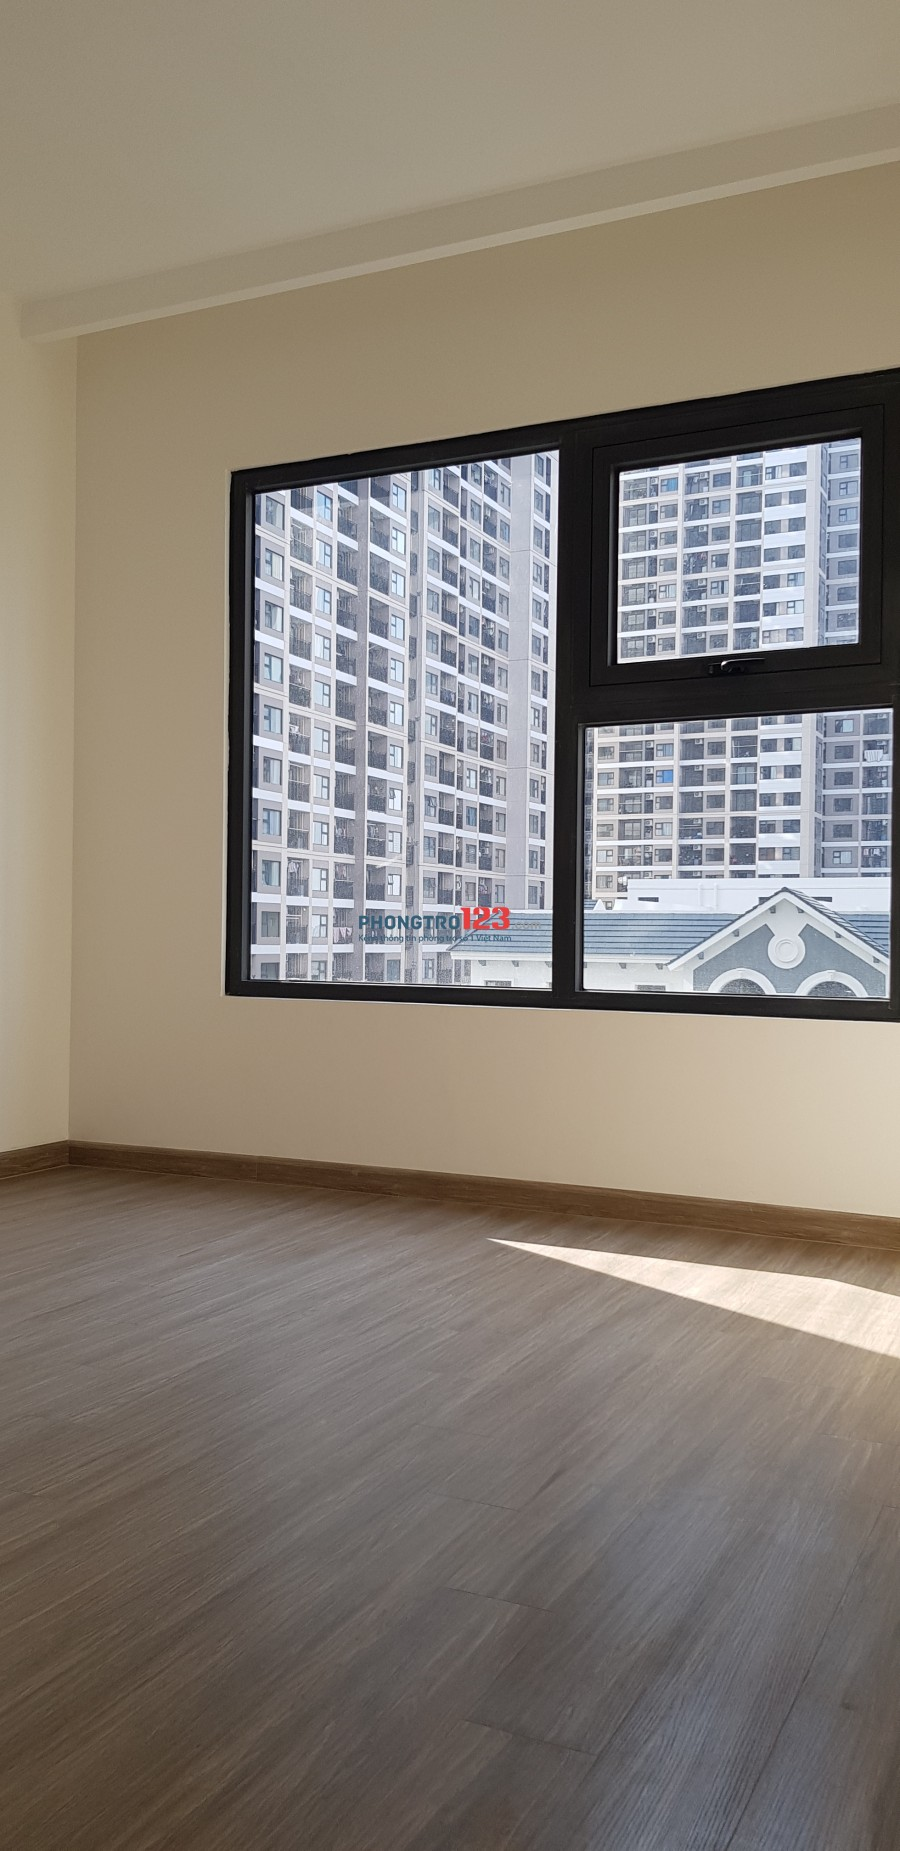 CC cho thuê căn chung cư Vinhome Smart City Tây Mỗ tầng 5 tòa S1 80m2 2 phòng ngủ